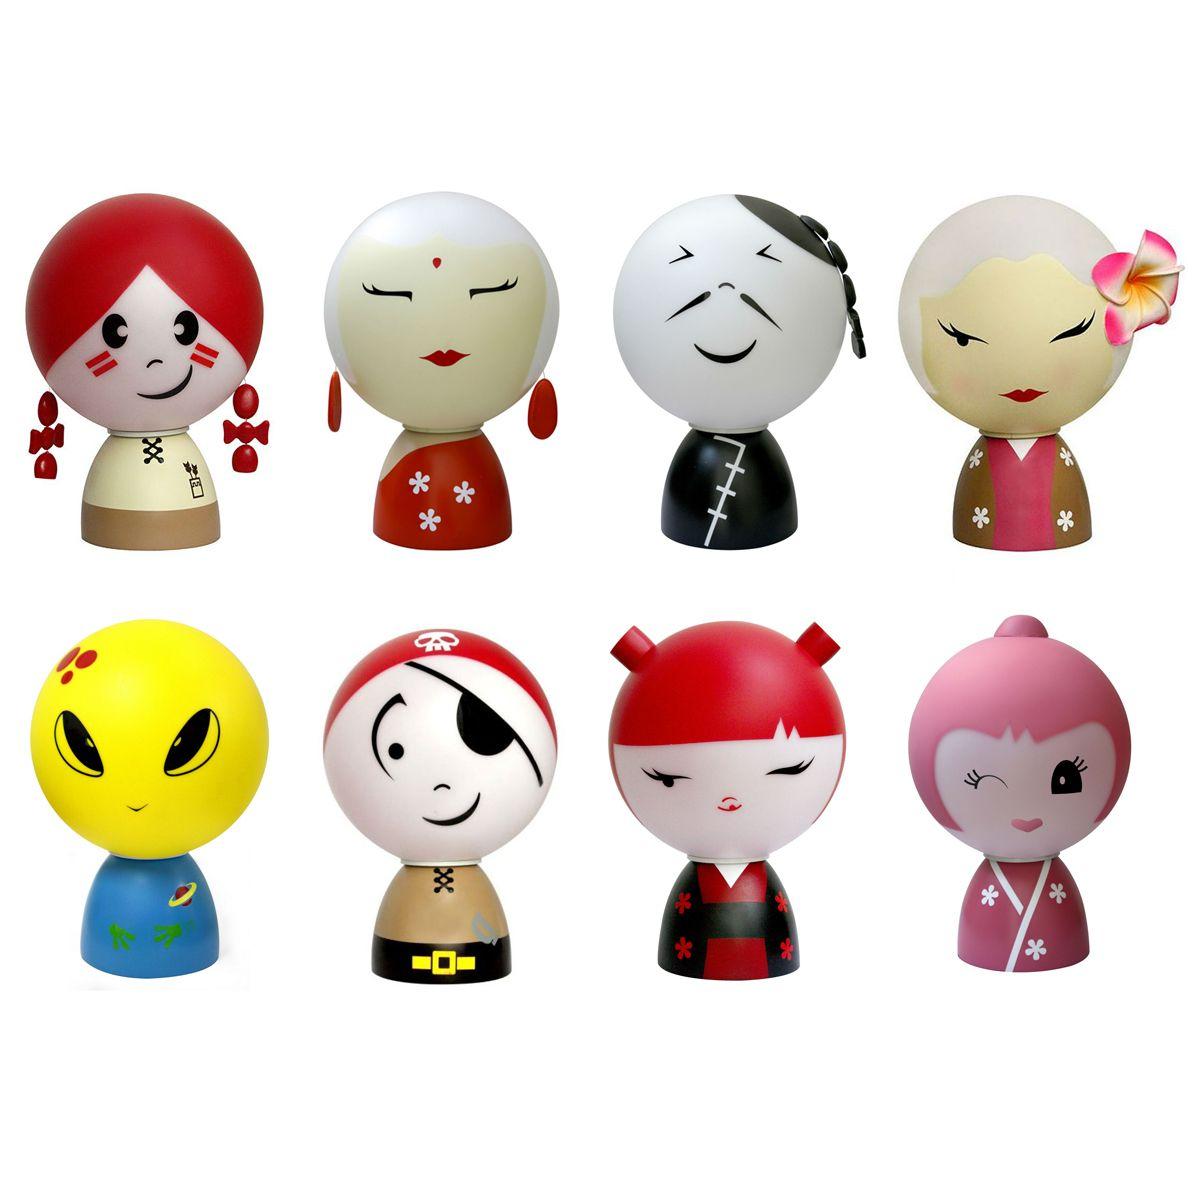 Marka Folky Dolls oferuje wyłącznie małe lampki, śmieszne i kolorowe. Dzieci je uwielbiają ! → http://bit.ly/1DT1m2C